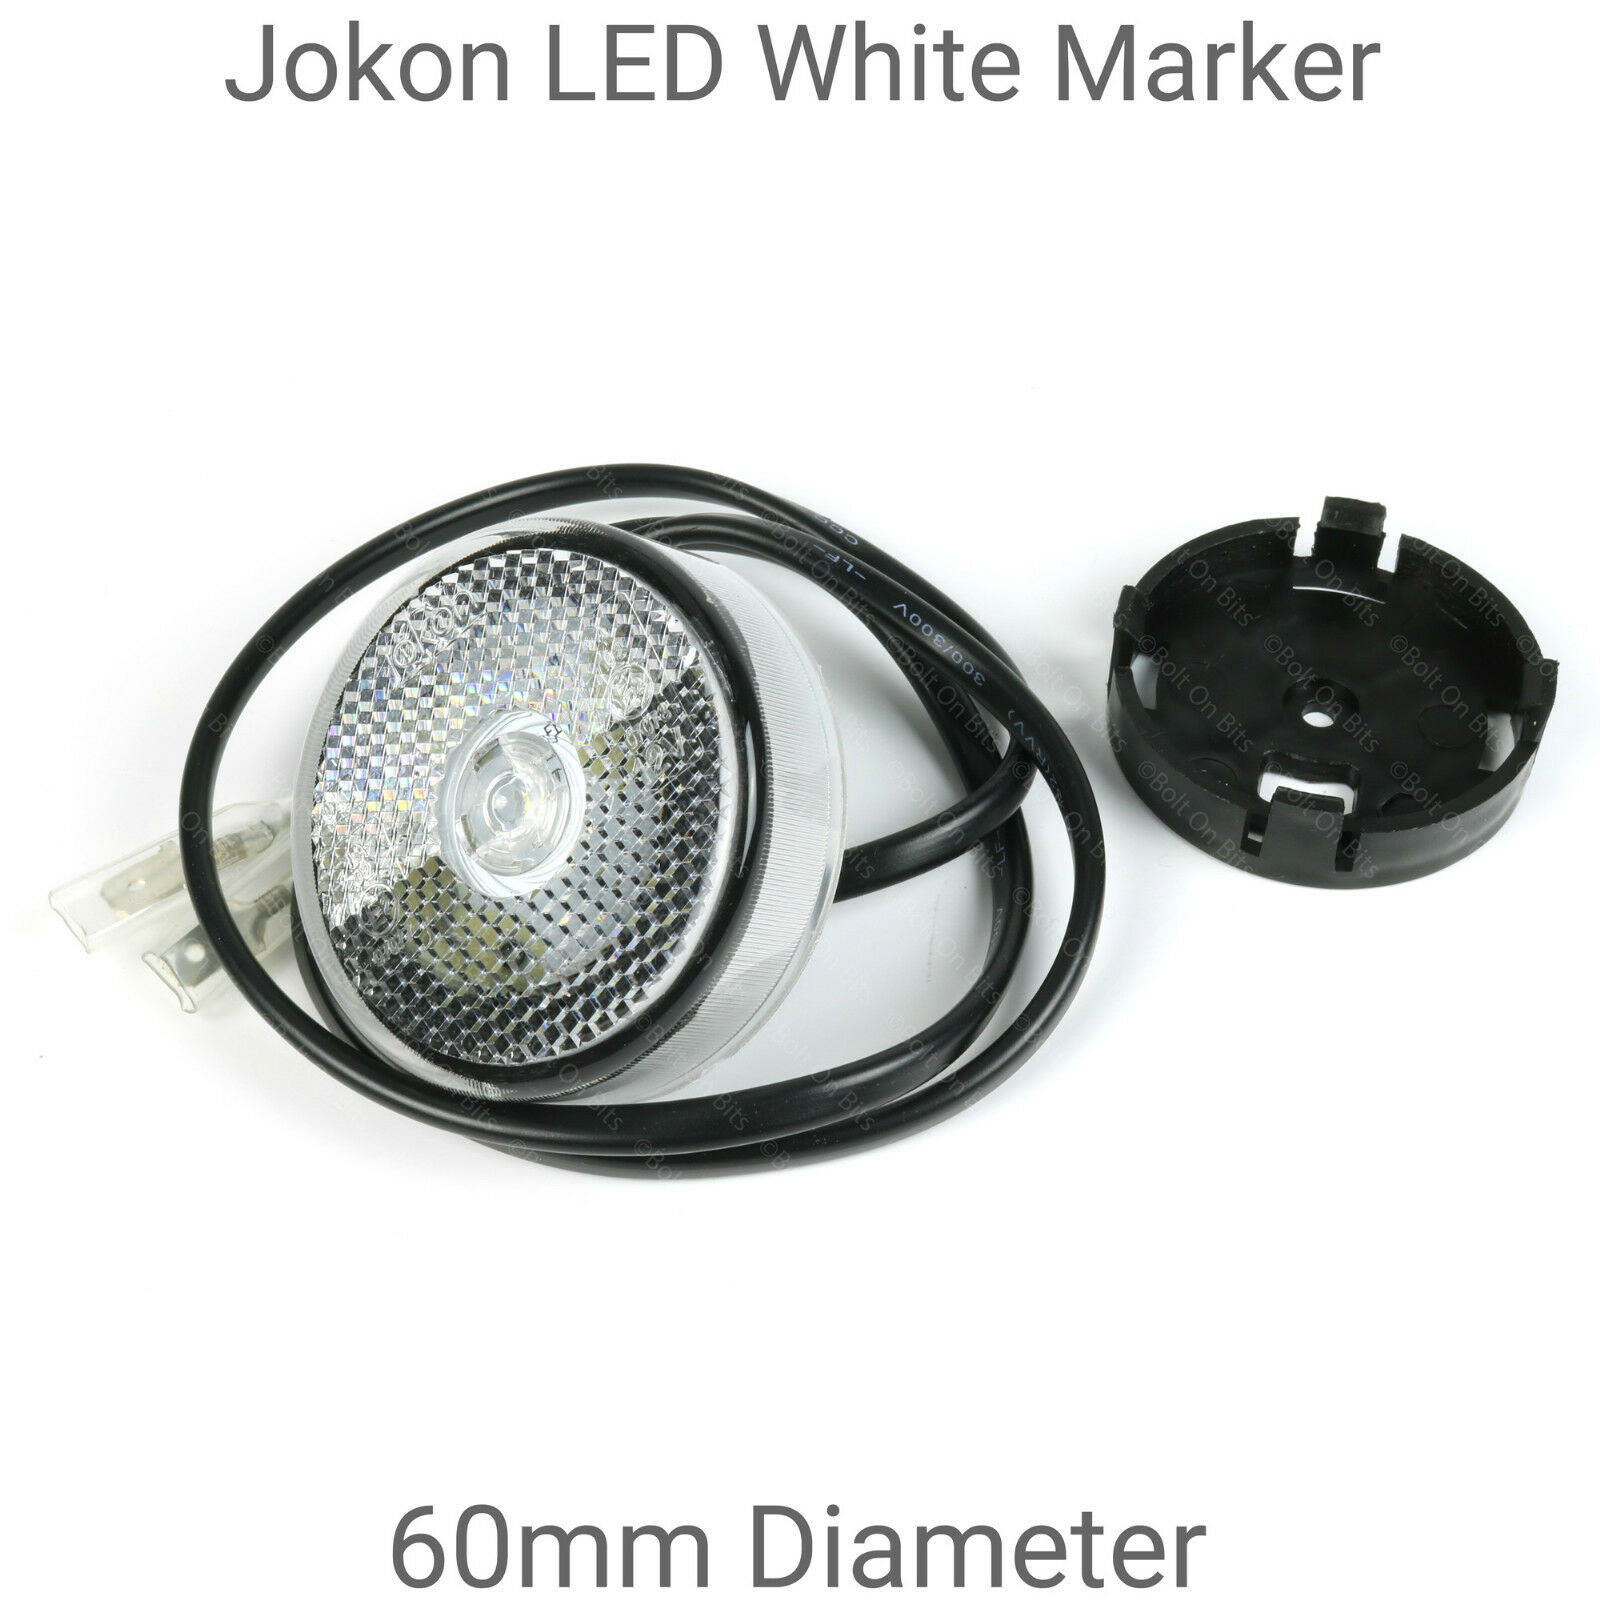 1 Pair of Jokon 60mm Round LED White Marker Lights